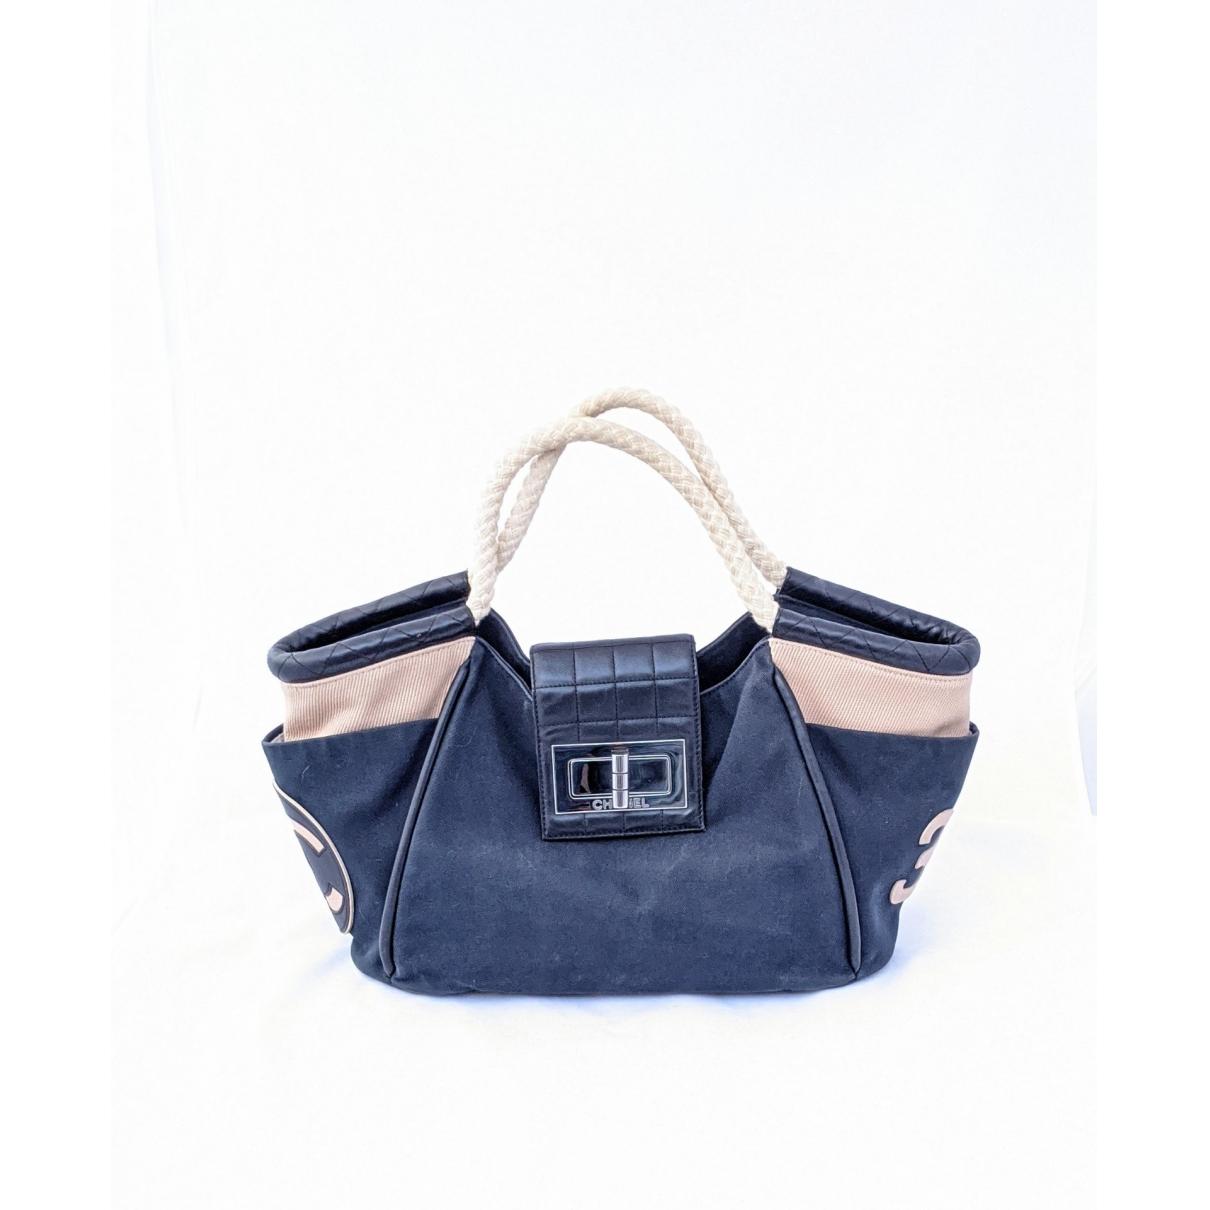 Chanel \N Handtasche in  Blau Leinen